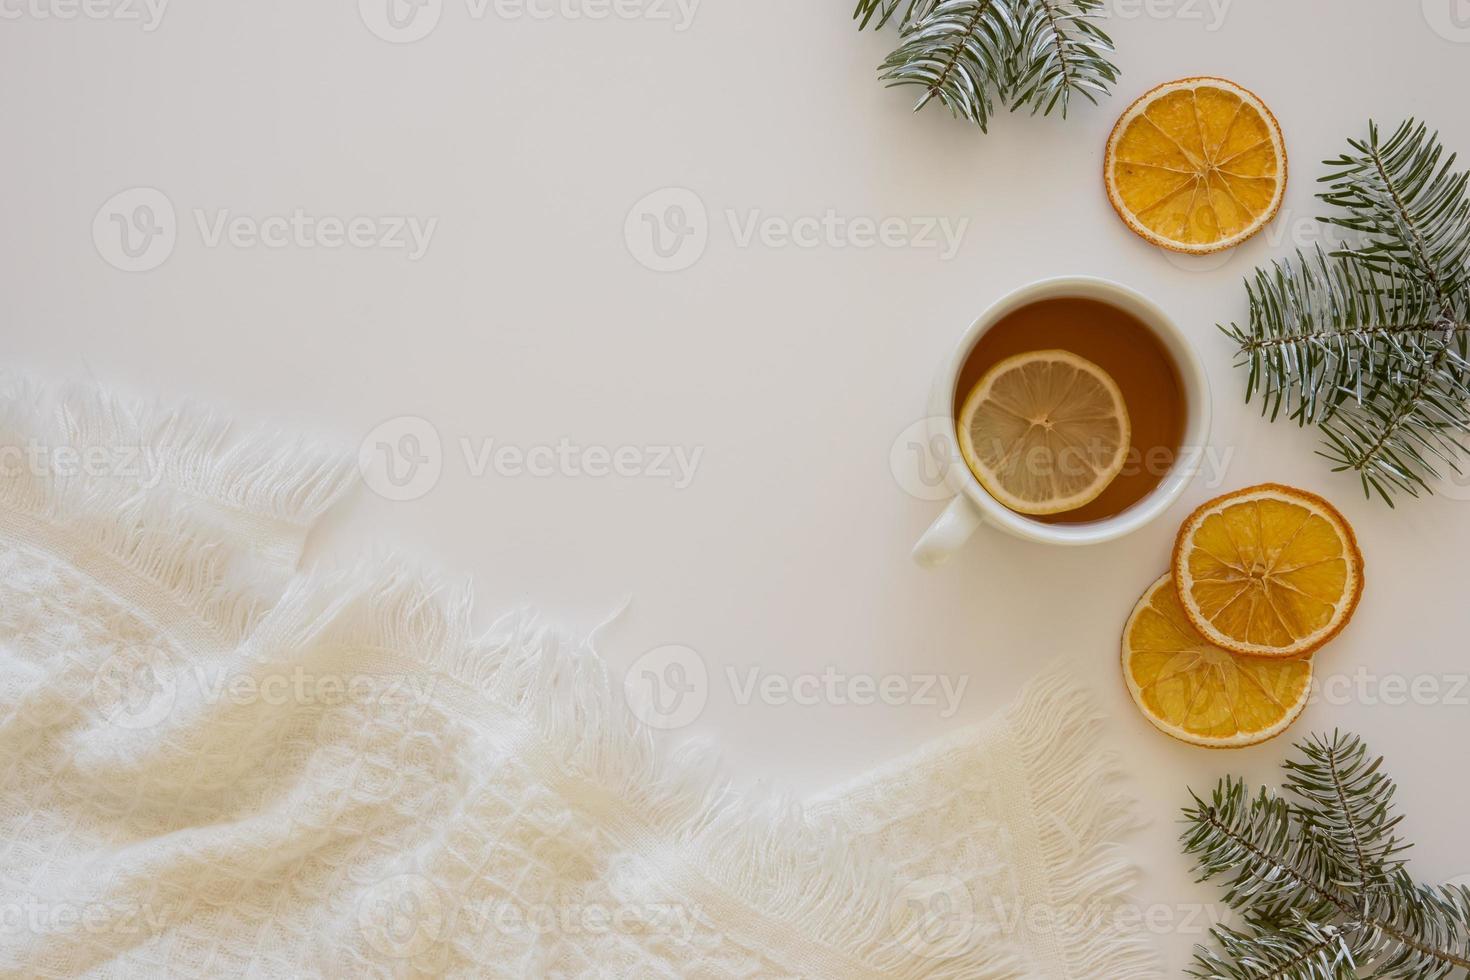 utsökt varmt te med skivor citronbakgrund foto